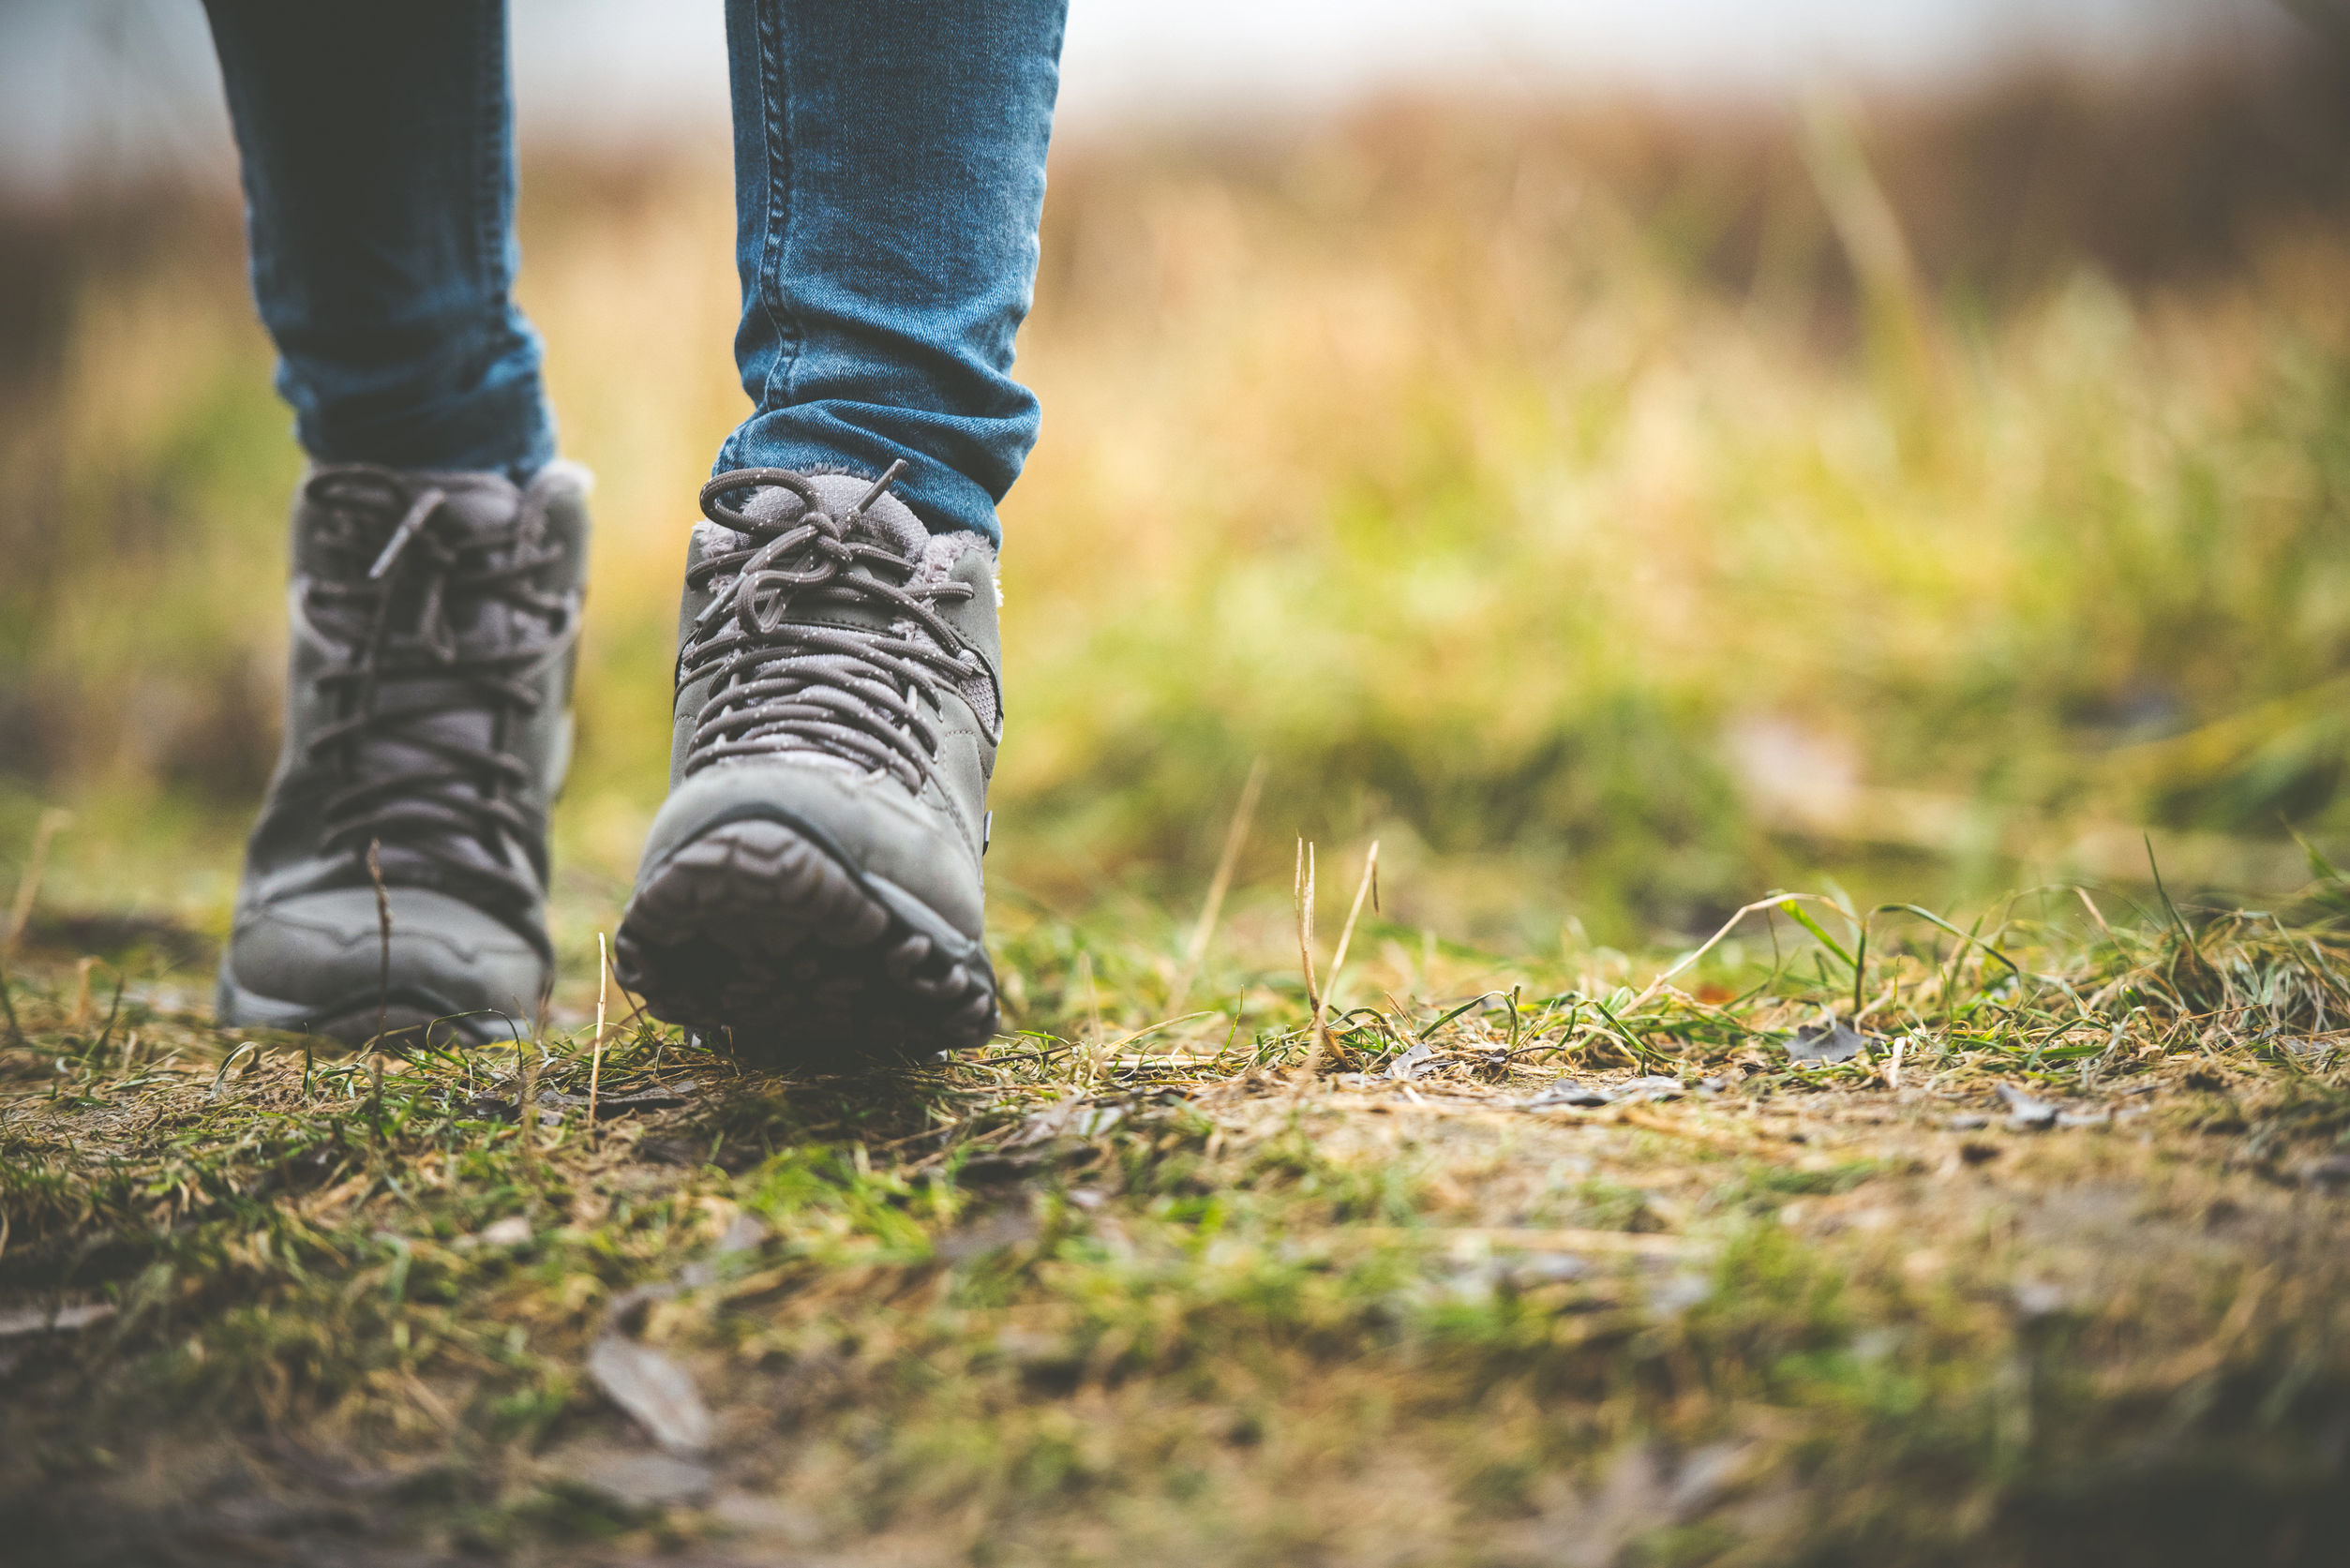 Nordic Walking Schuhe: Test & Empfehlungen (10/20)